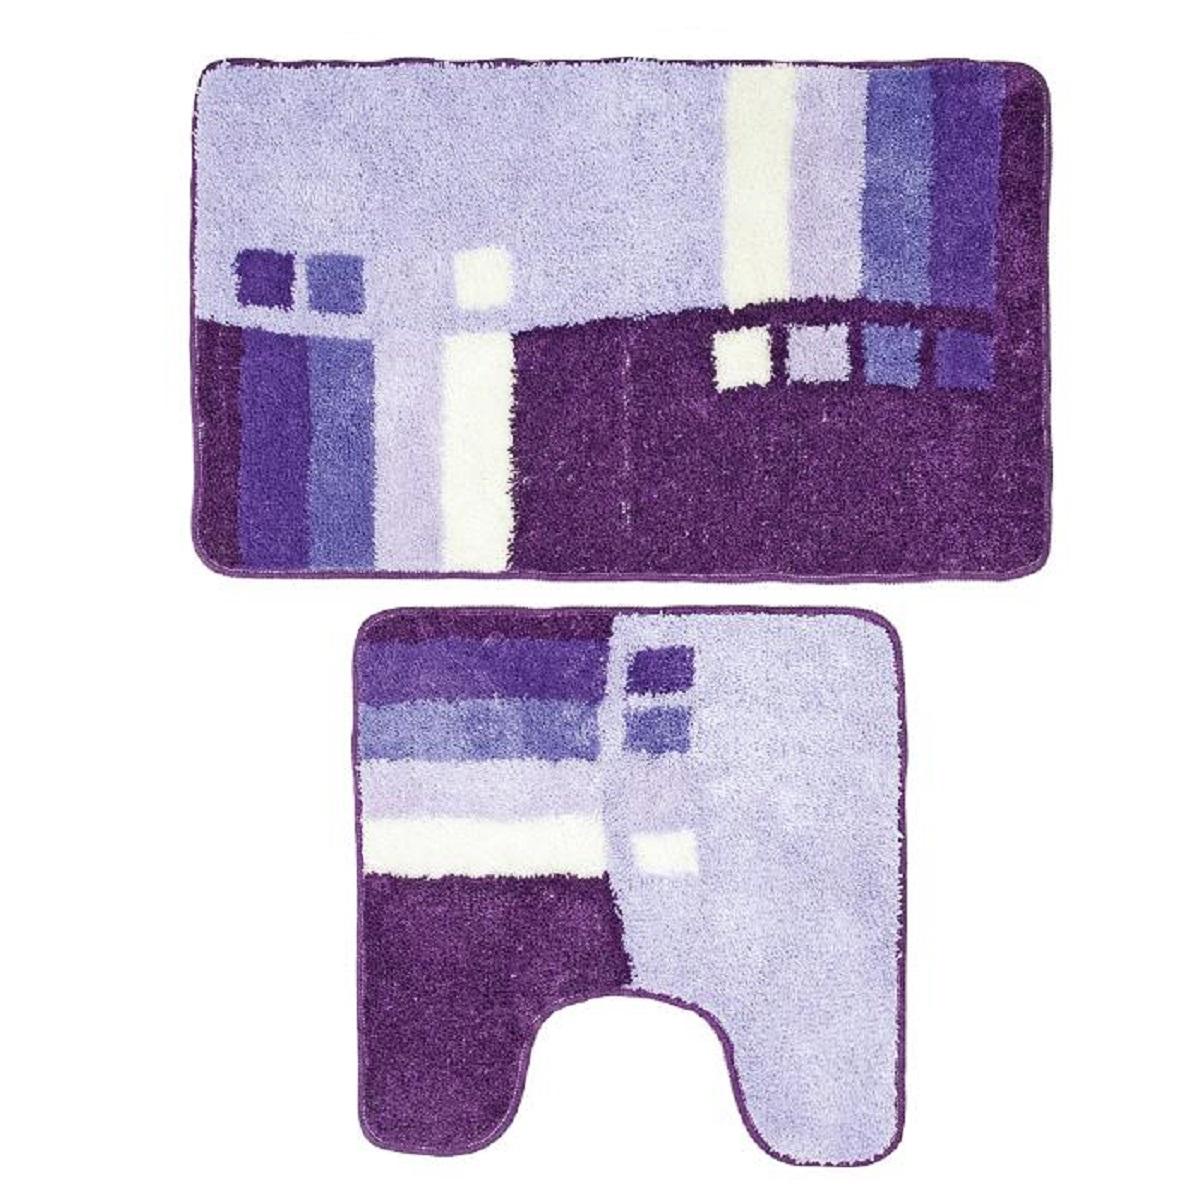 Комплект ковриков для ванной Milardo Meteora Skies, цвет: голубой, 2 шт490PA58M13Комплект Milardo Meteora Skies состоит из двух ковриков для ванной комнаты: прямоугольного и с вырезом. Изделия изготовлены из 90% полиэстера и 10% акрила. Благодаря специальной обработки нижней стороны, коврики не скользят на плитке. Яркий дизайн позволит оформить ванную комнату по вашему вкусу.Размер ковриков: 80 х 50 см; 50 х 50 см.Высота ворса: 1 см.